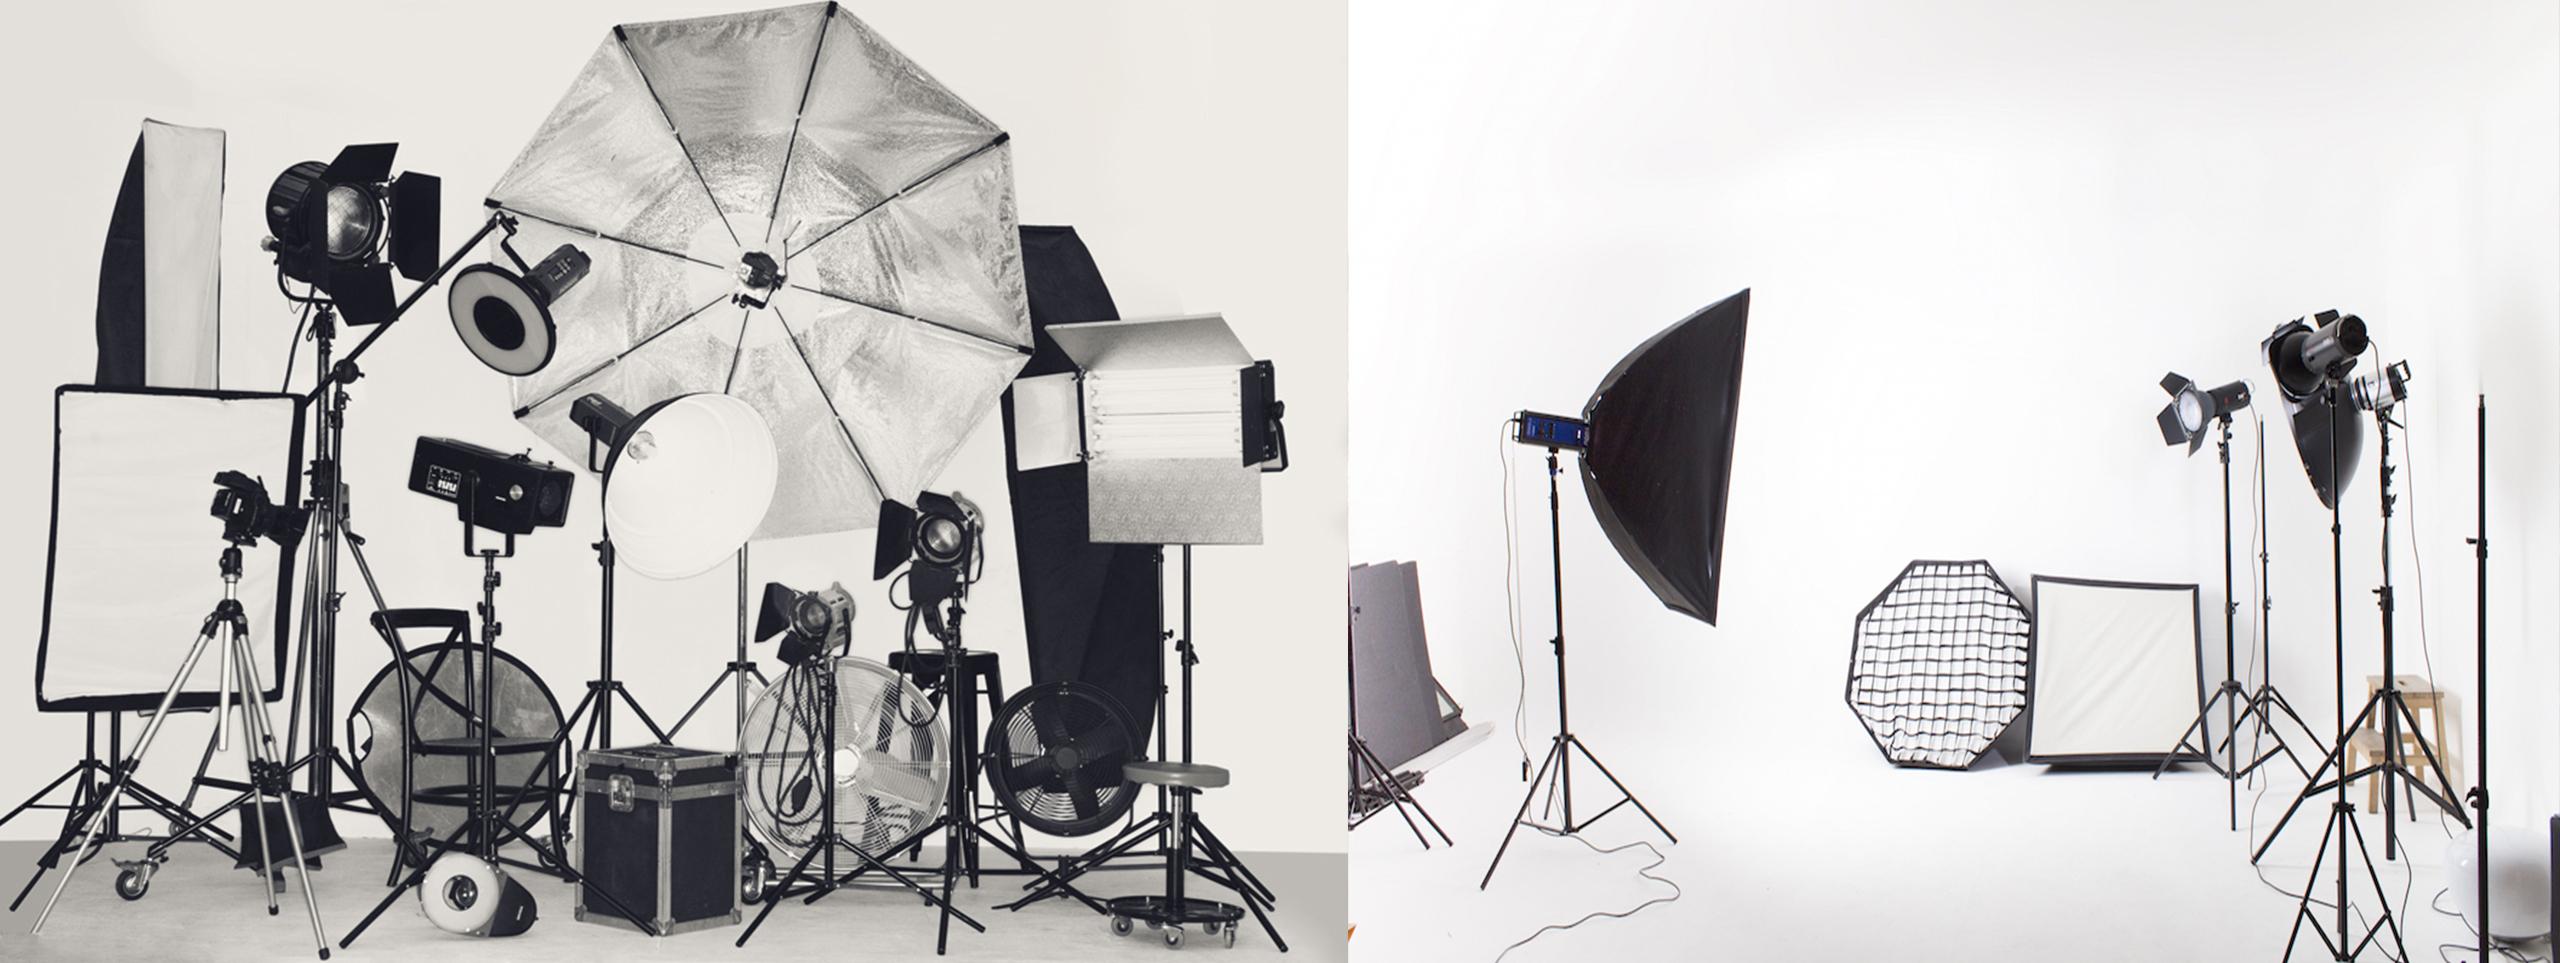 Профессиональная фотосессия: как сохранить счастливое мгновение